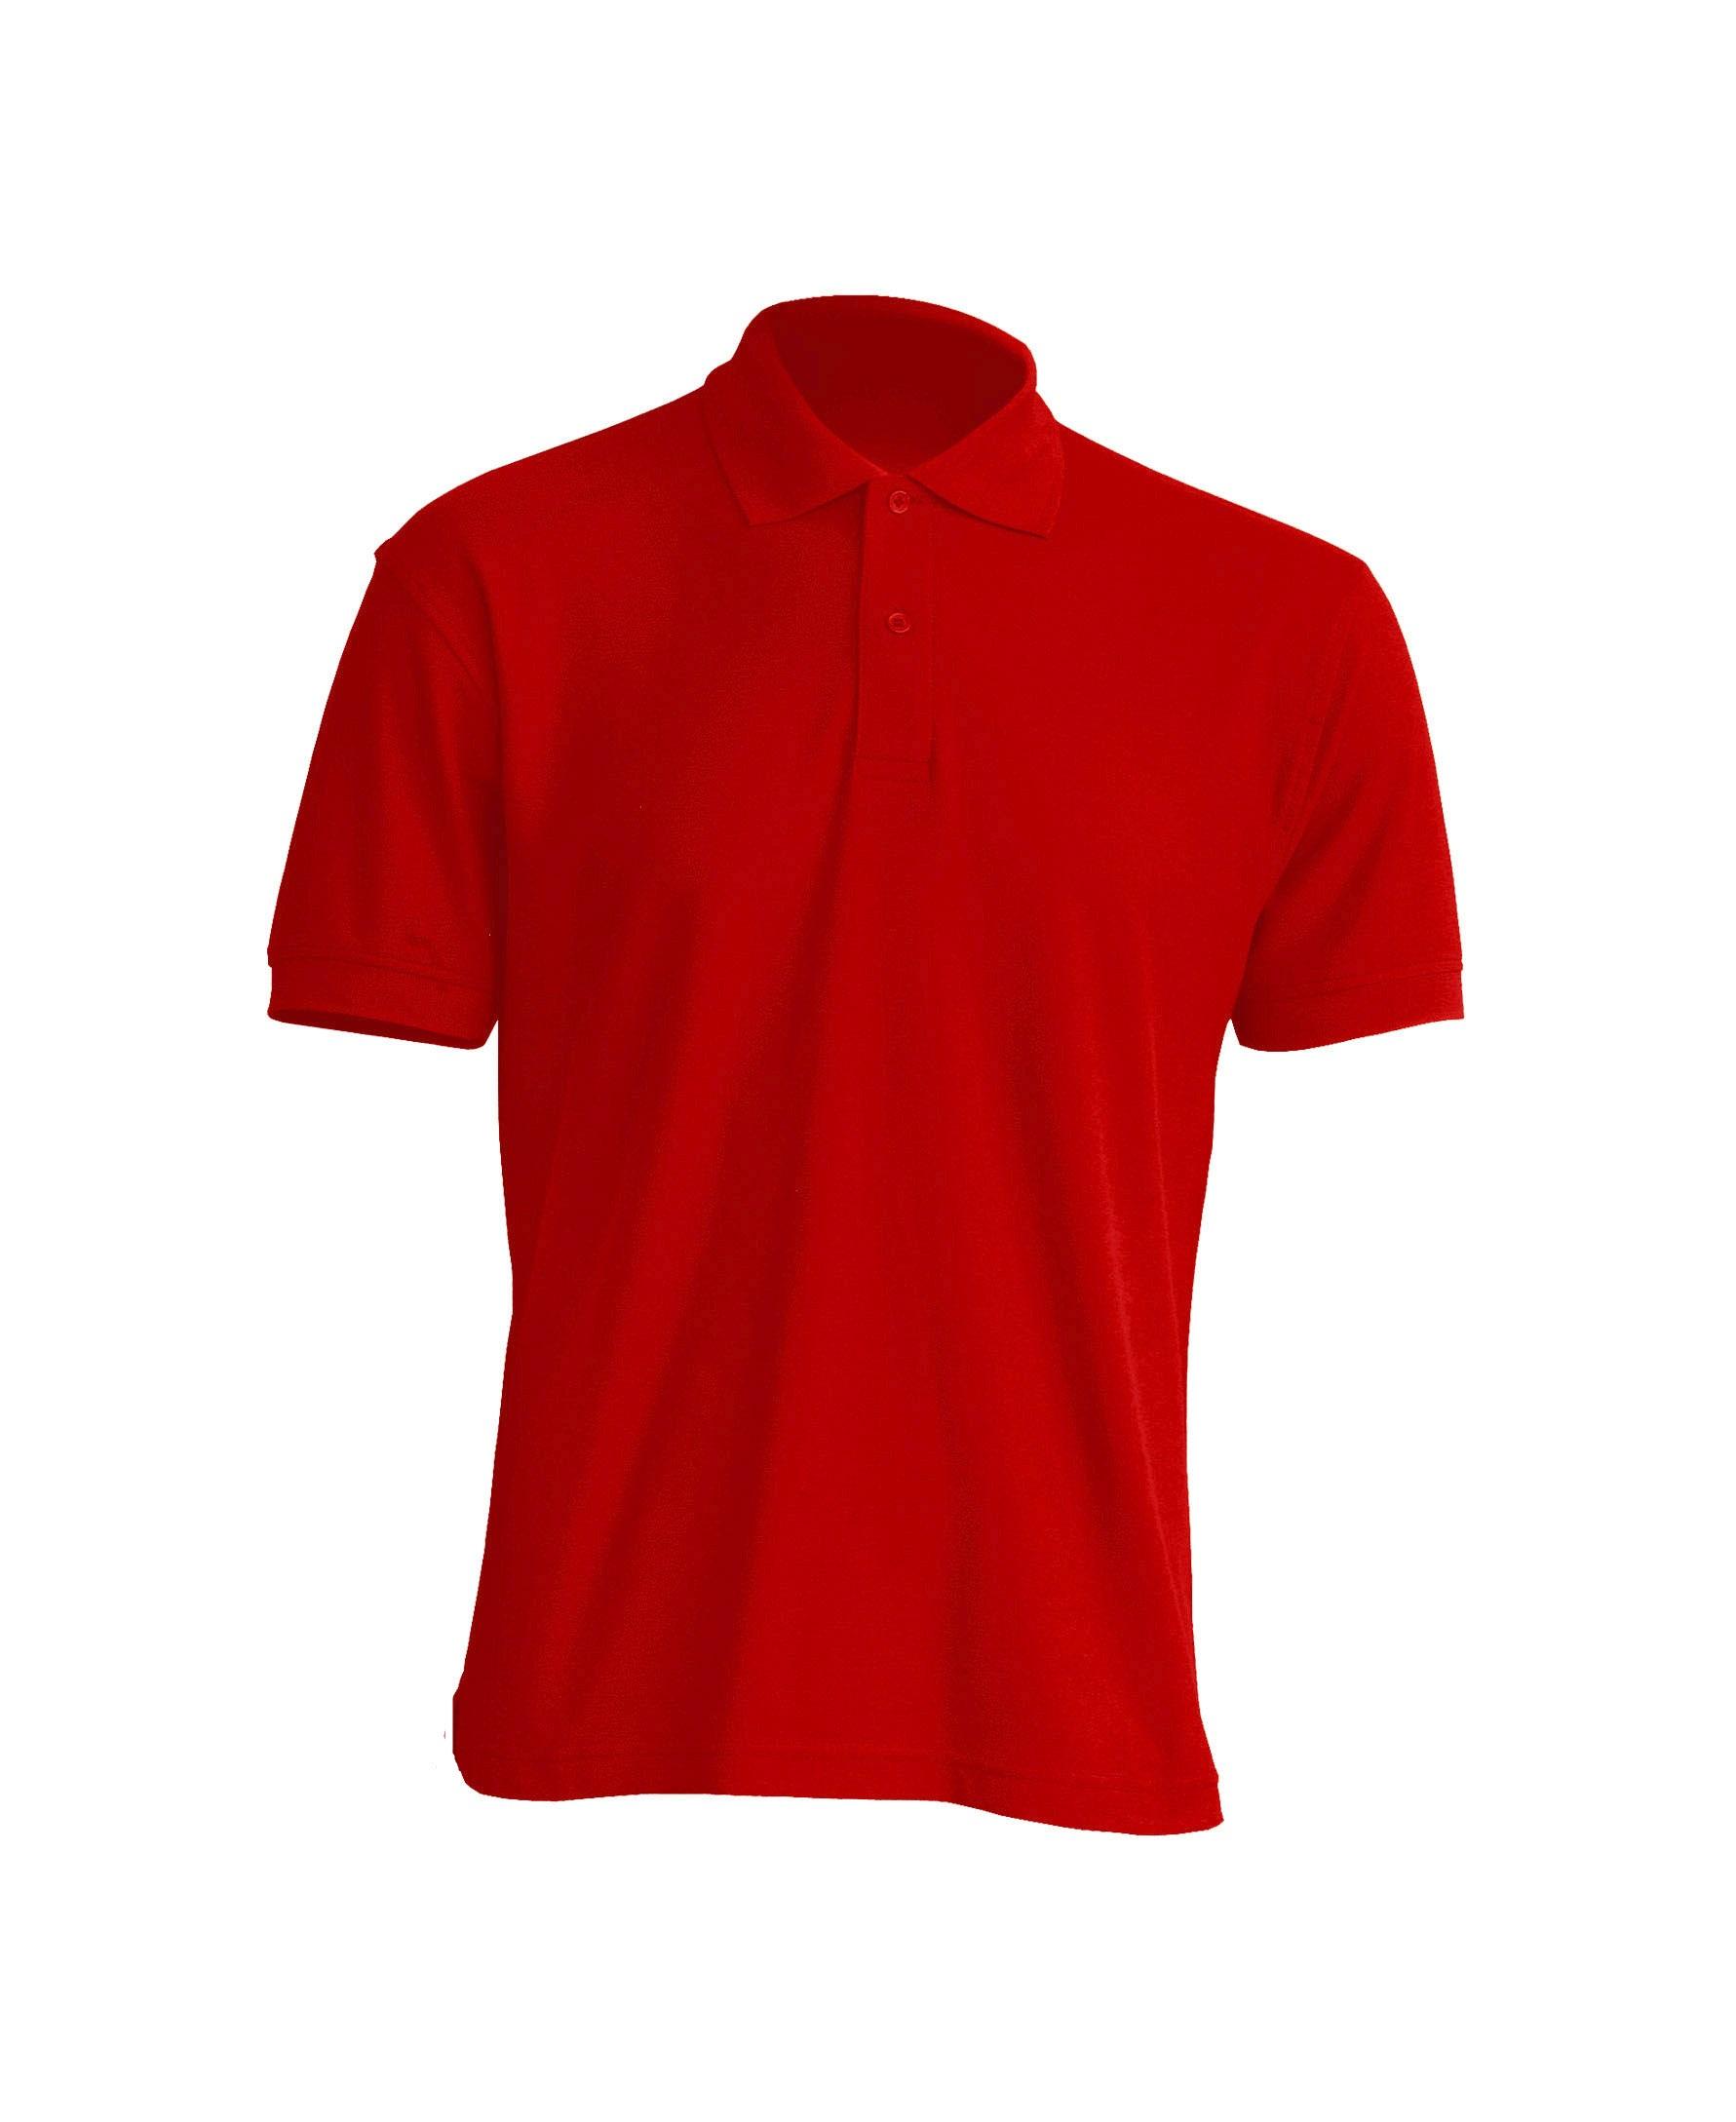 Muška polo majica kratkih rukava, crvena